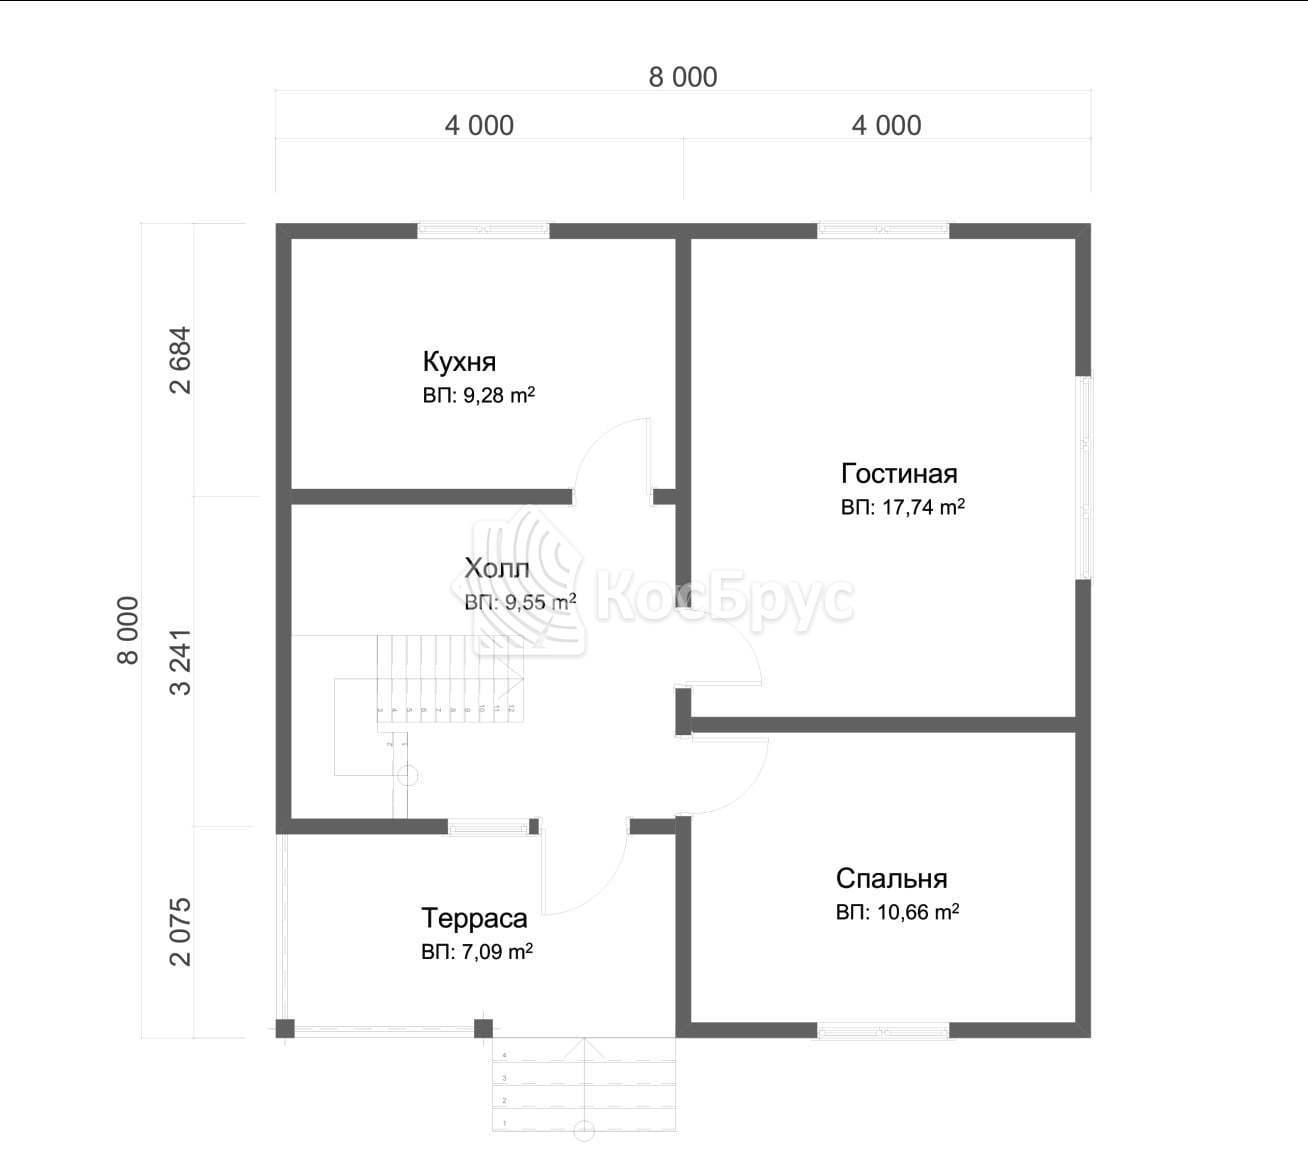 Проект дома из бруса с террасой и балконом 8.0х8.0 м